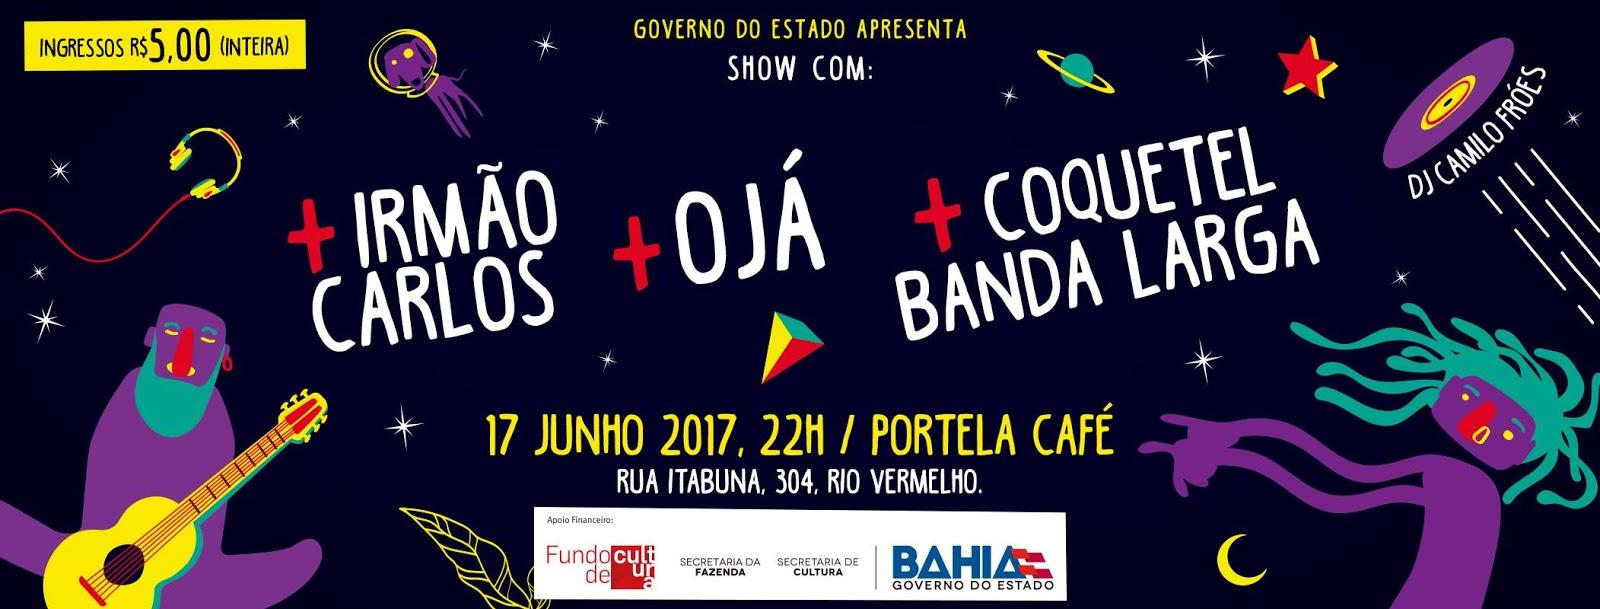 743f8f8349b18 Ojá e Coquetel Banda Larga apresentam repertório autoral na 3ª Incubadora  Sonora